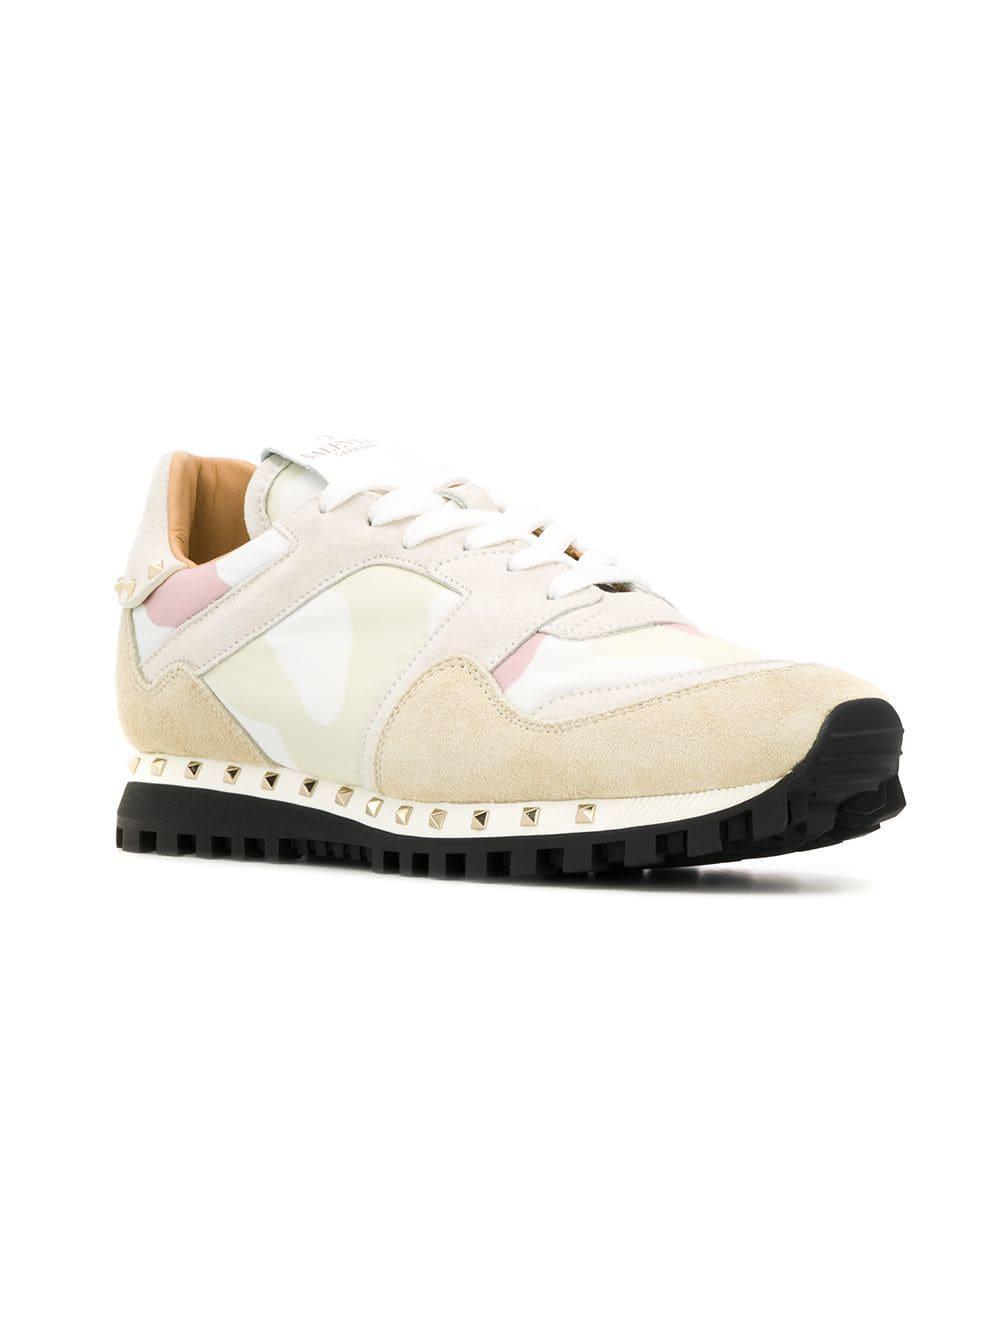 7220a36ea3962 Valentino Garavan Soul Rockstud Sneakers in White - Lyst